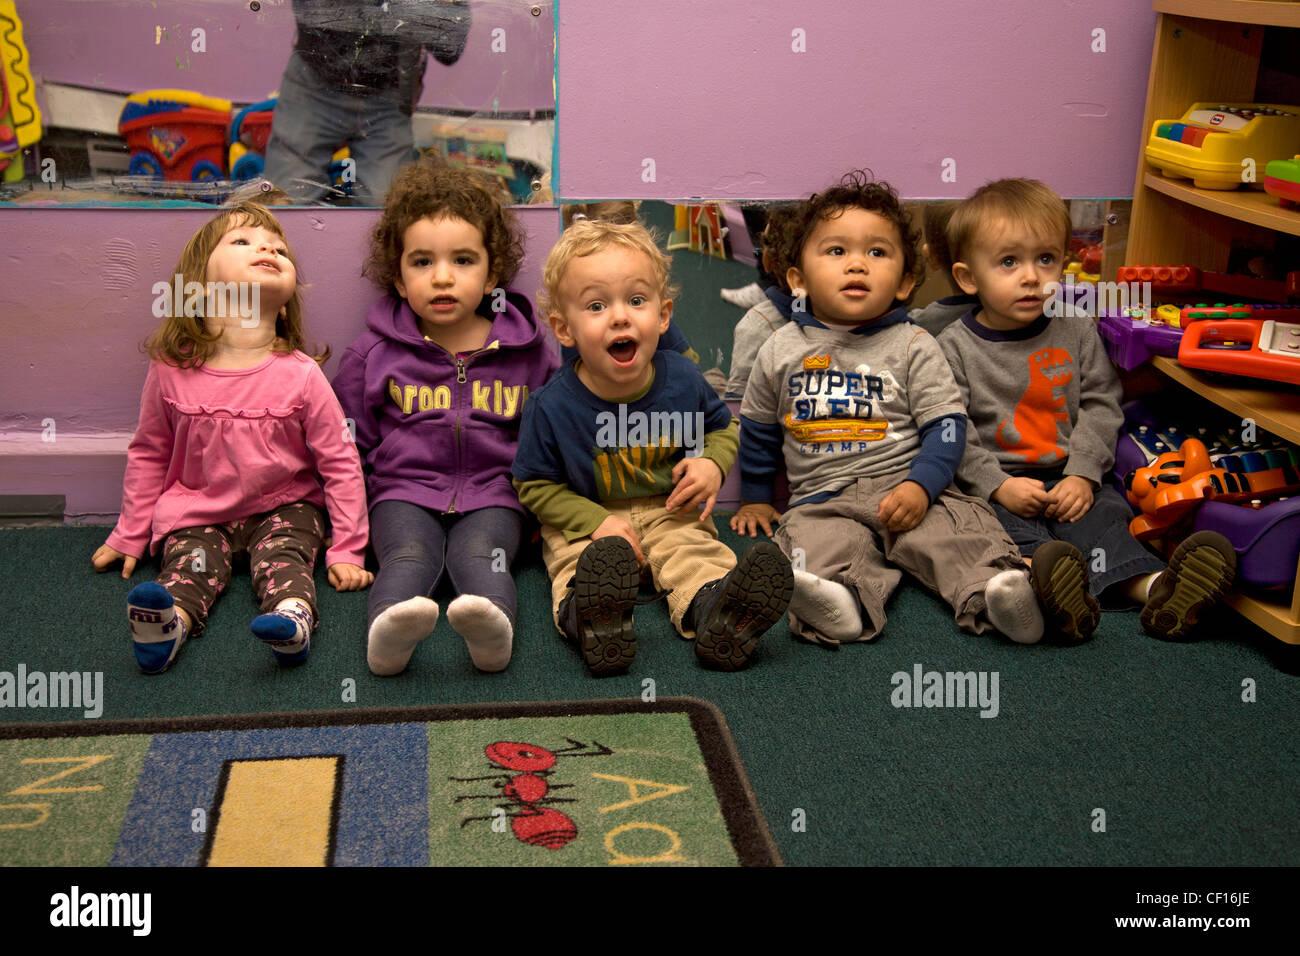 Nous sommes les enfants d'école maternelle/early learning centre dans le quartier de Kensington multiculturelle très Brooklyn, NY Banque D'Images